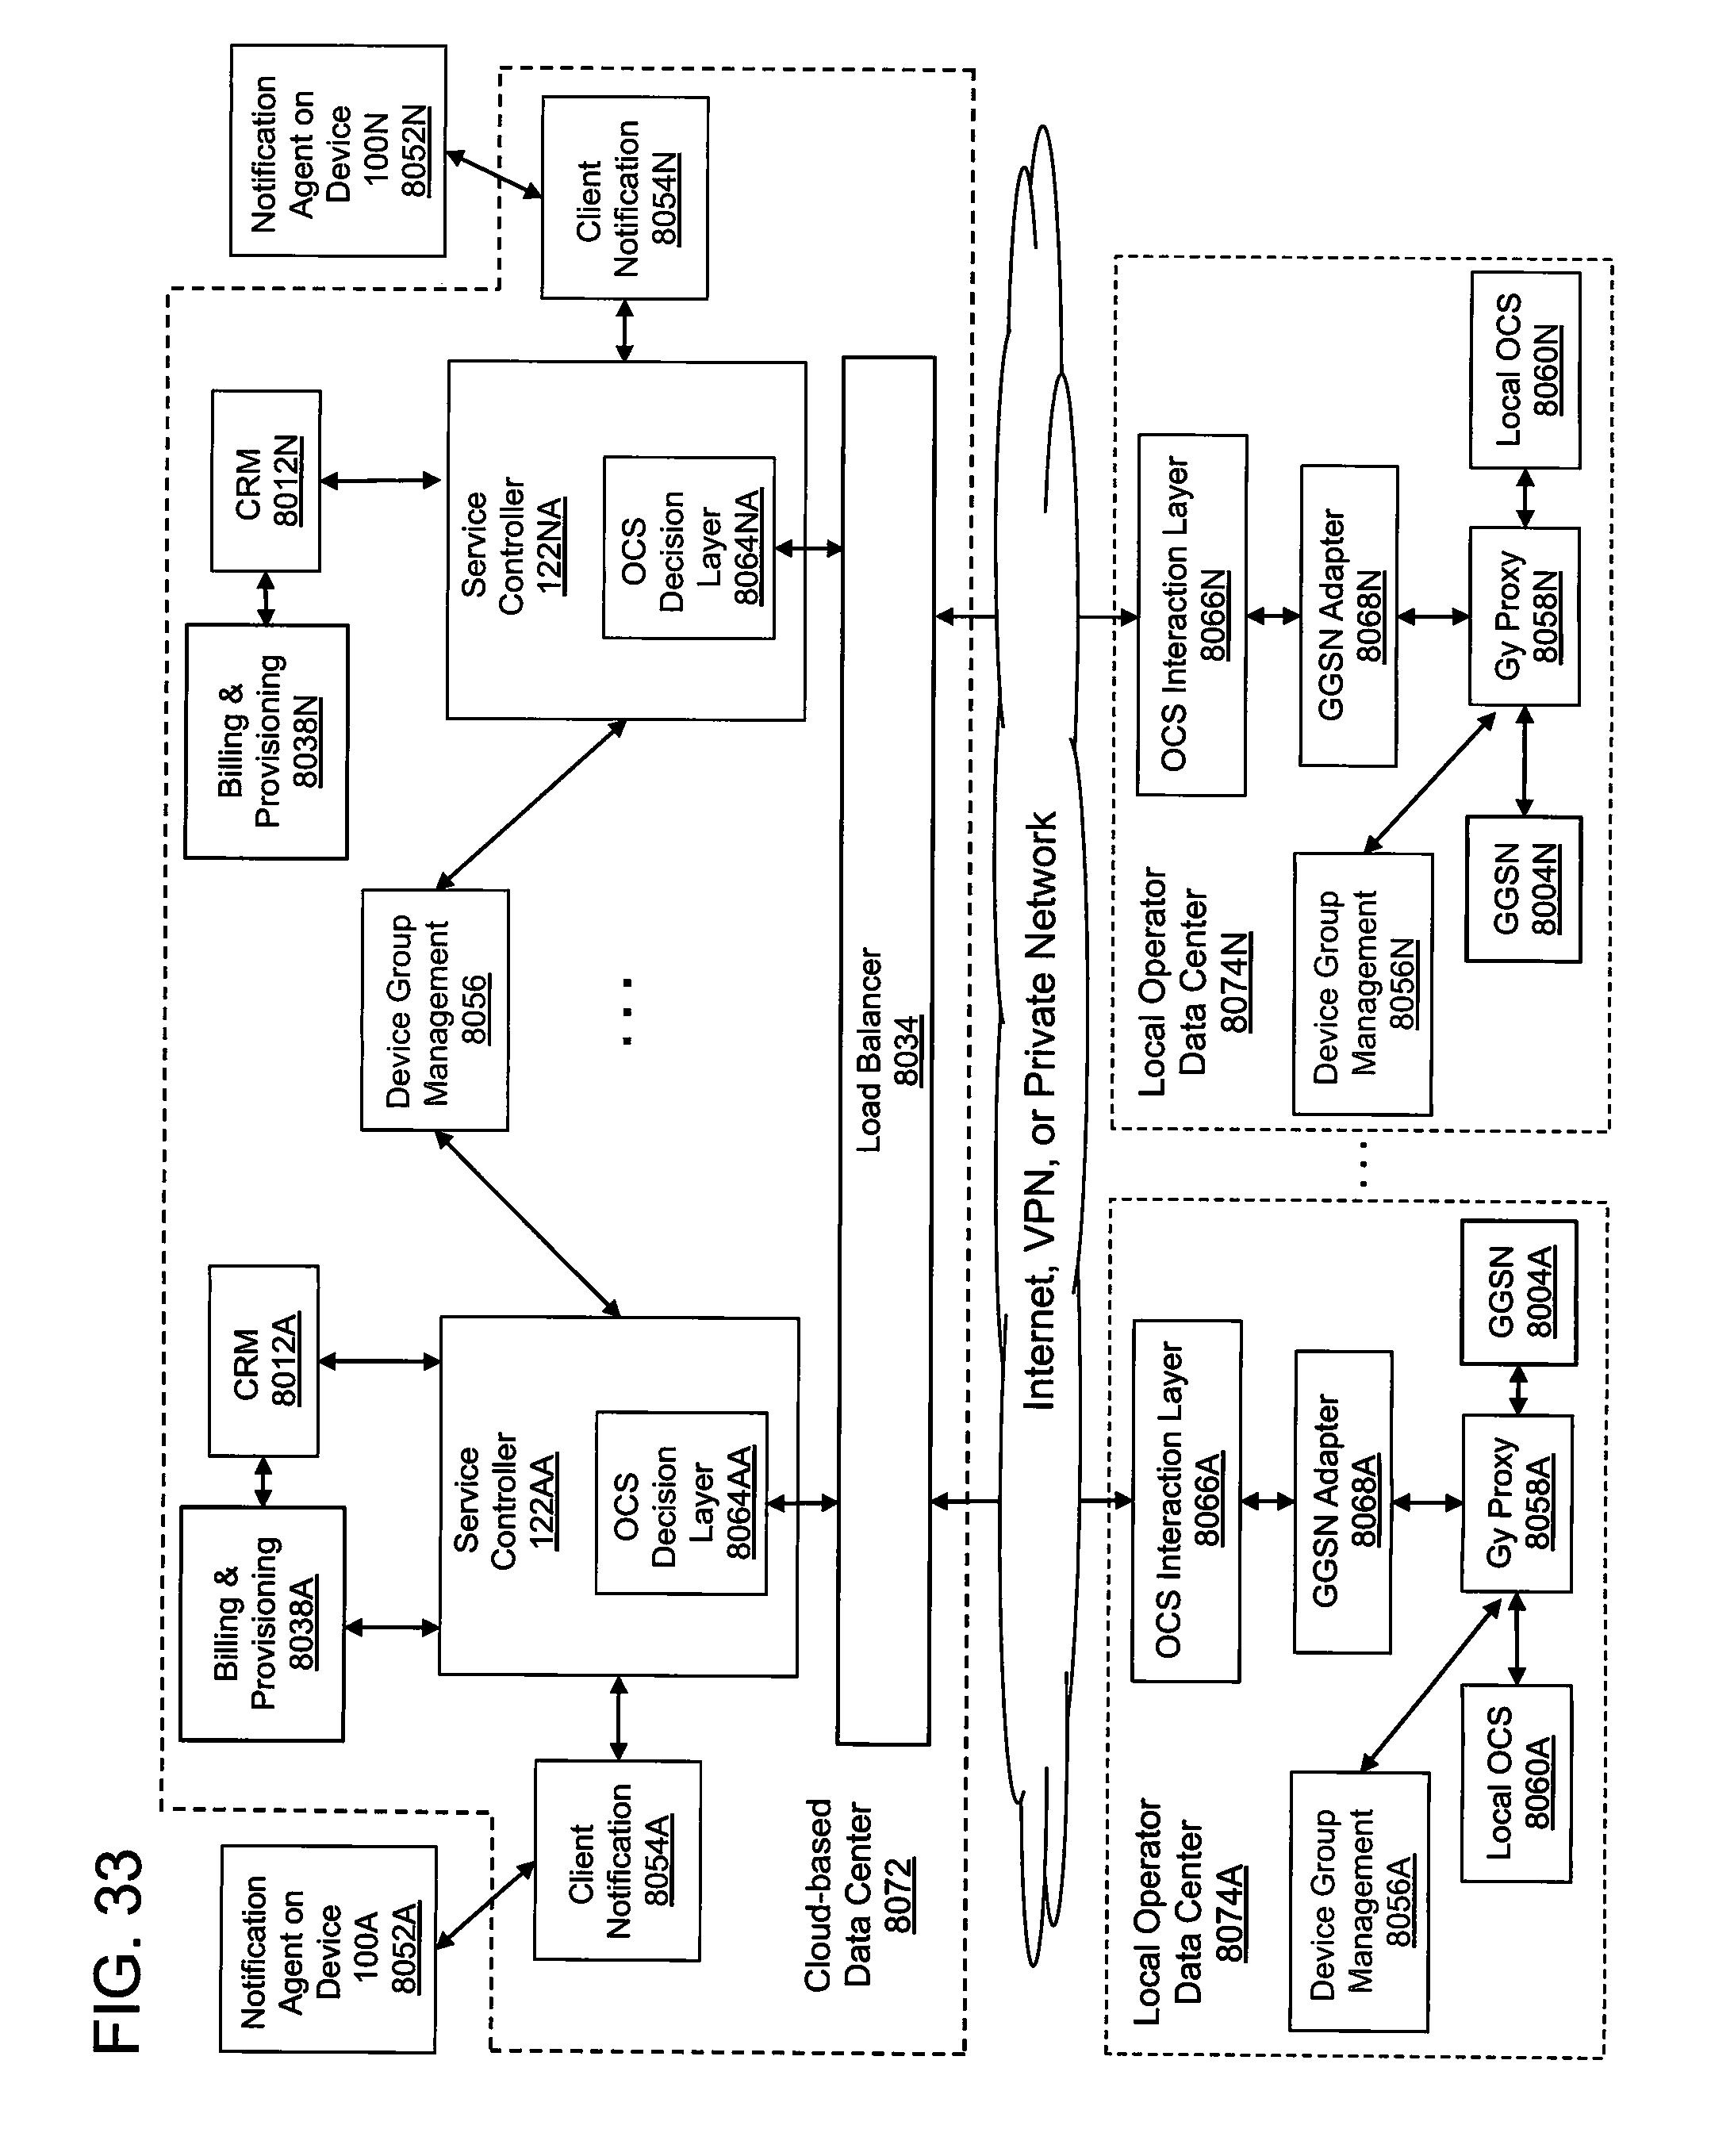 linear lightmeter circuit circuit diagram tradeoficcom indexpatent us 10,057,775 b2linear lightmeter circuit circuit diagram tradeoficcom 15